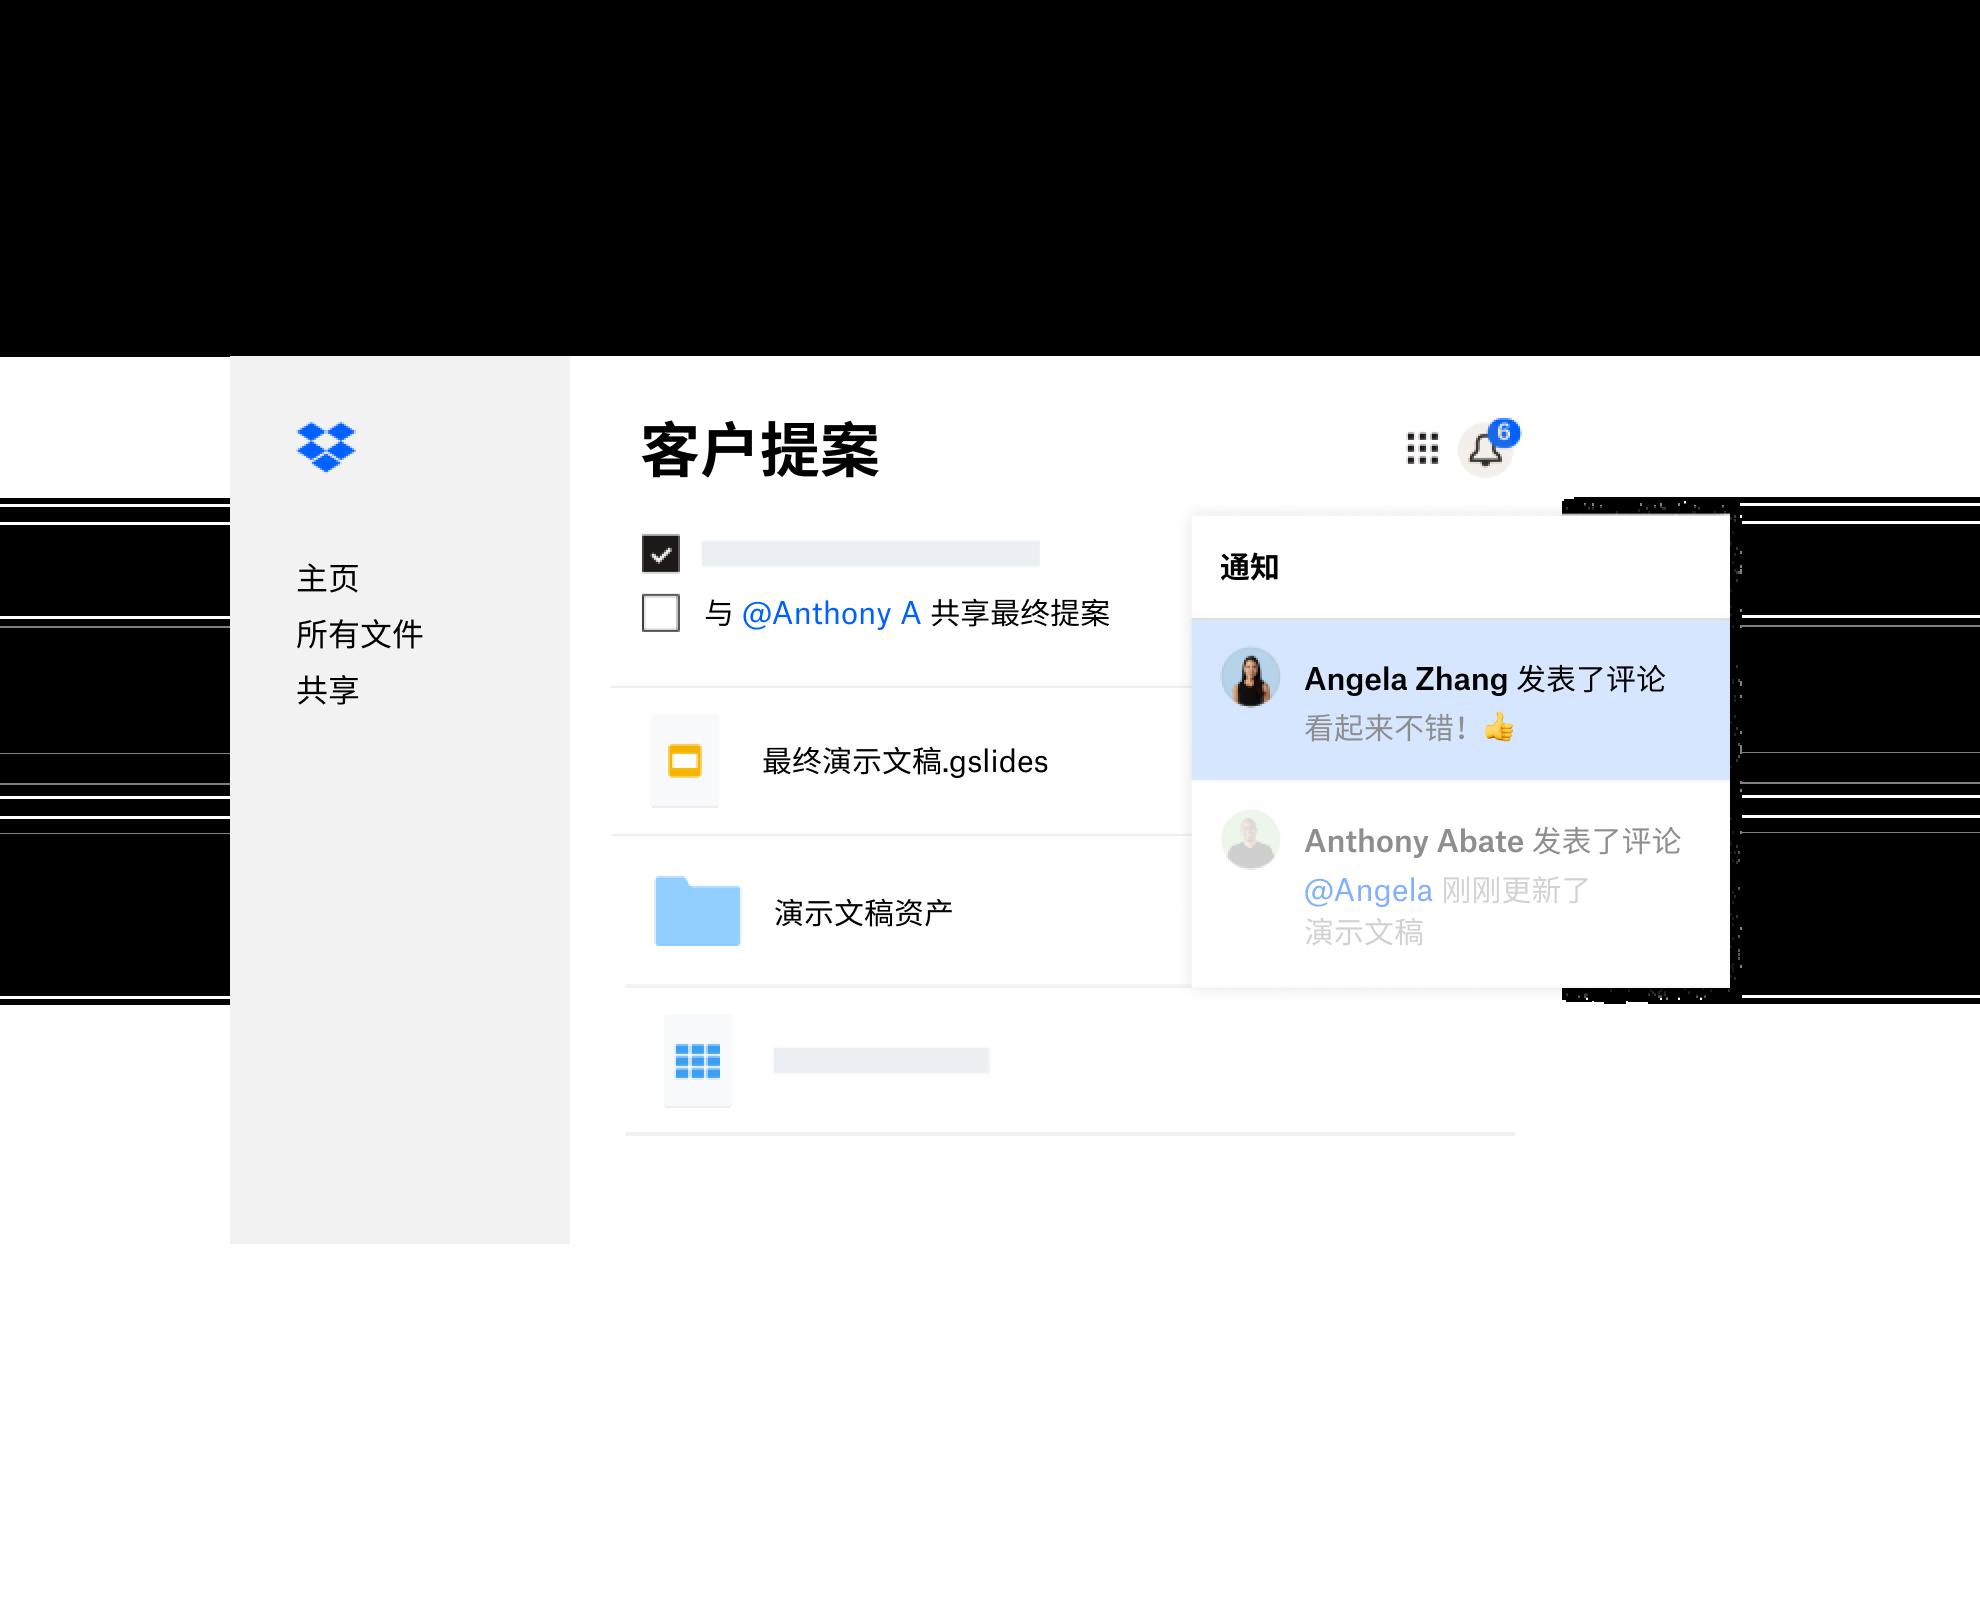 与留下反馈的多名用户共享在 Dropbox 中创建的一个客户提案